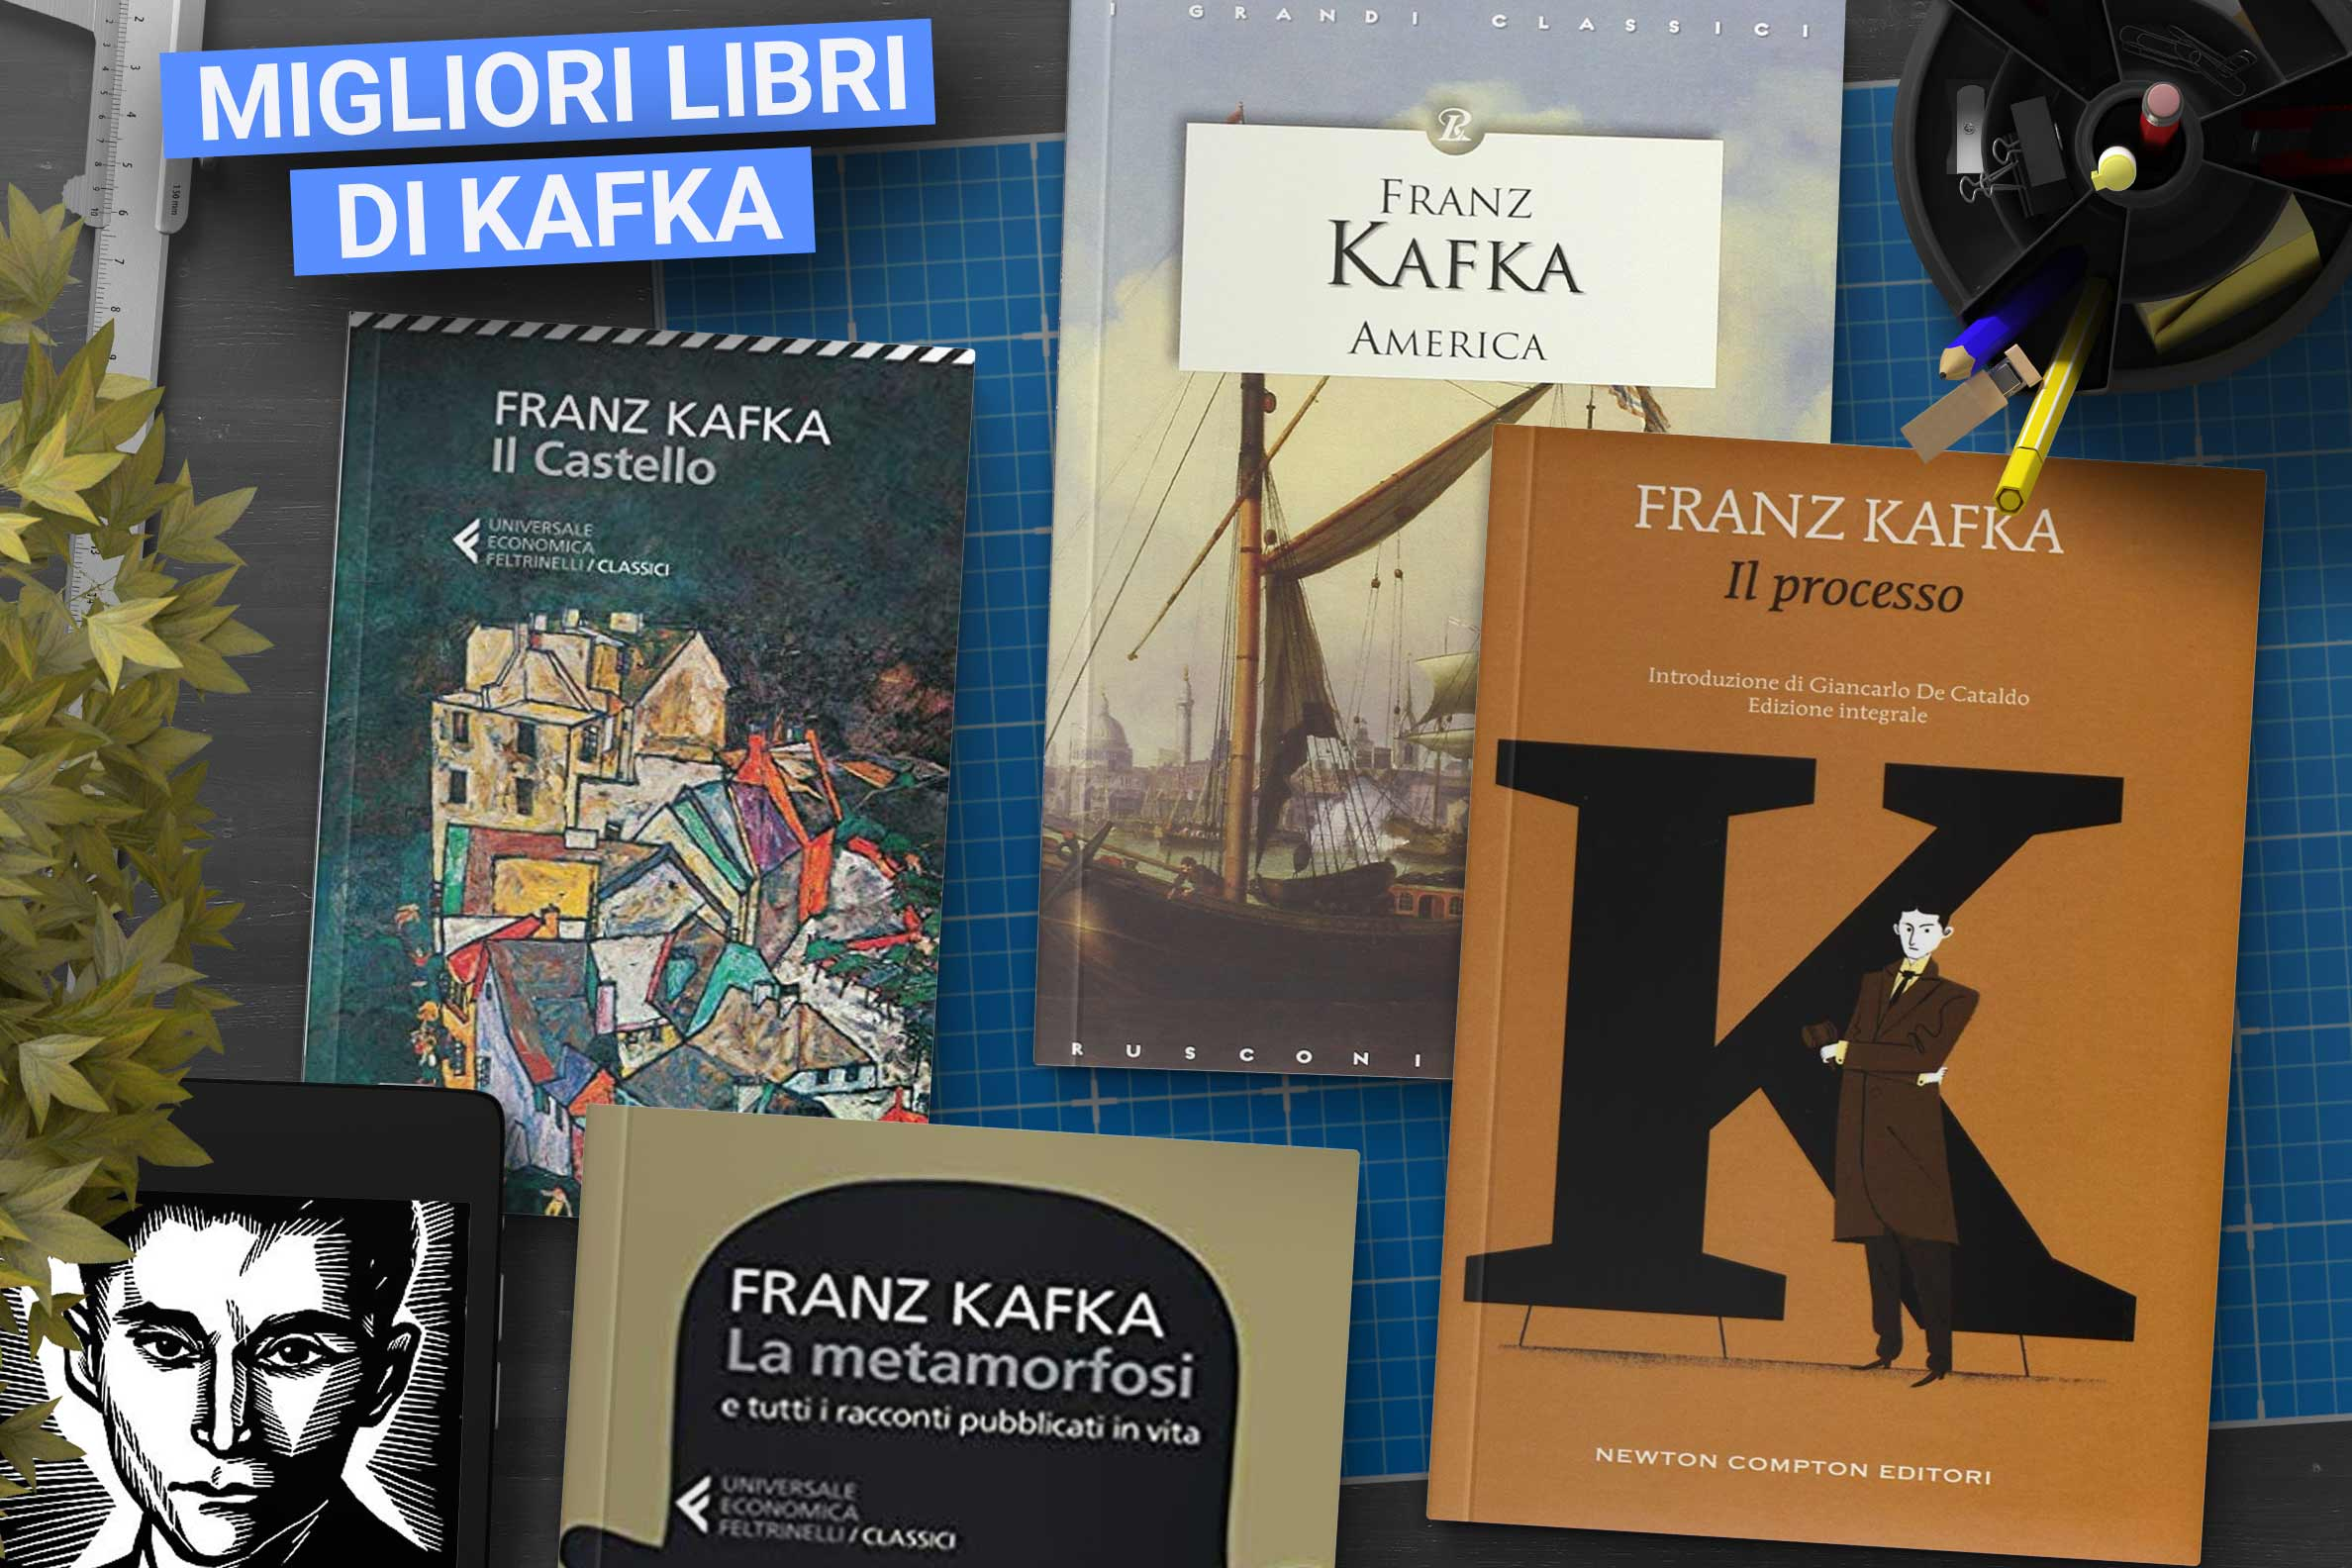 libri-di-kafka